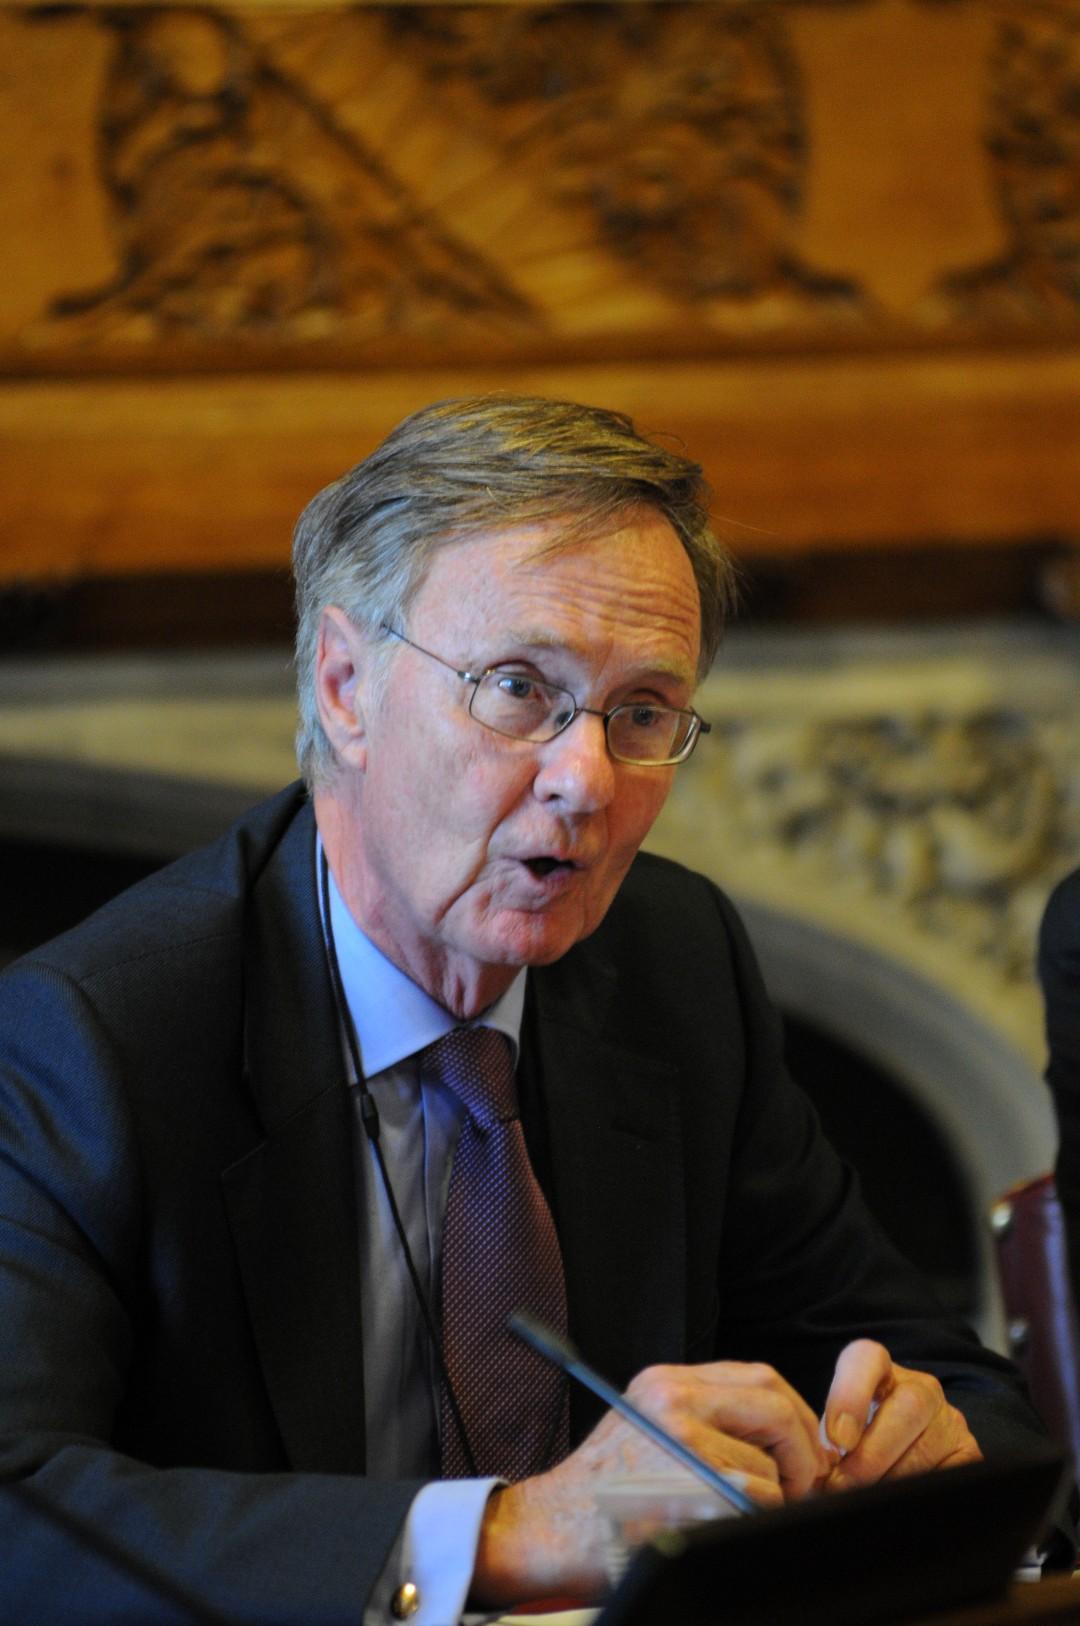 Sir David Logan